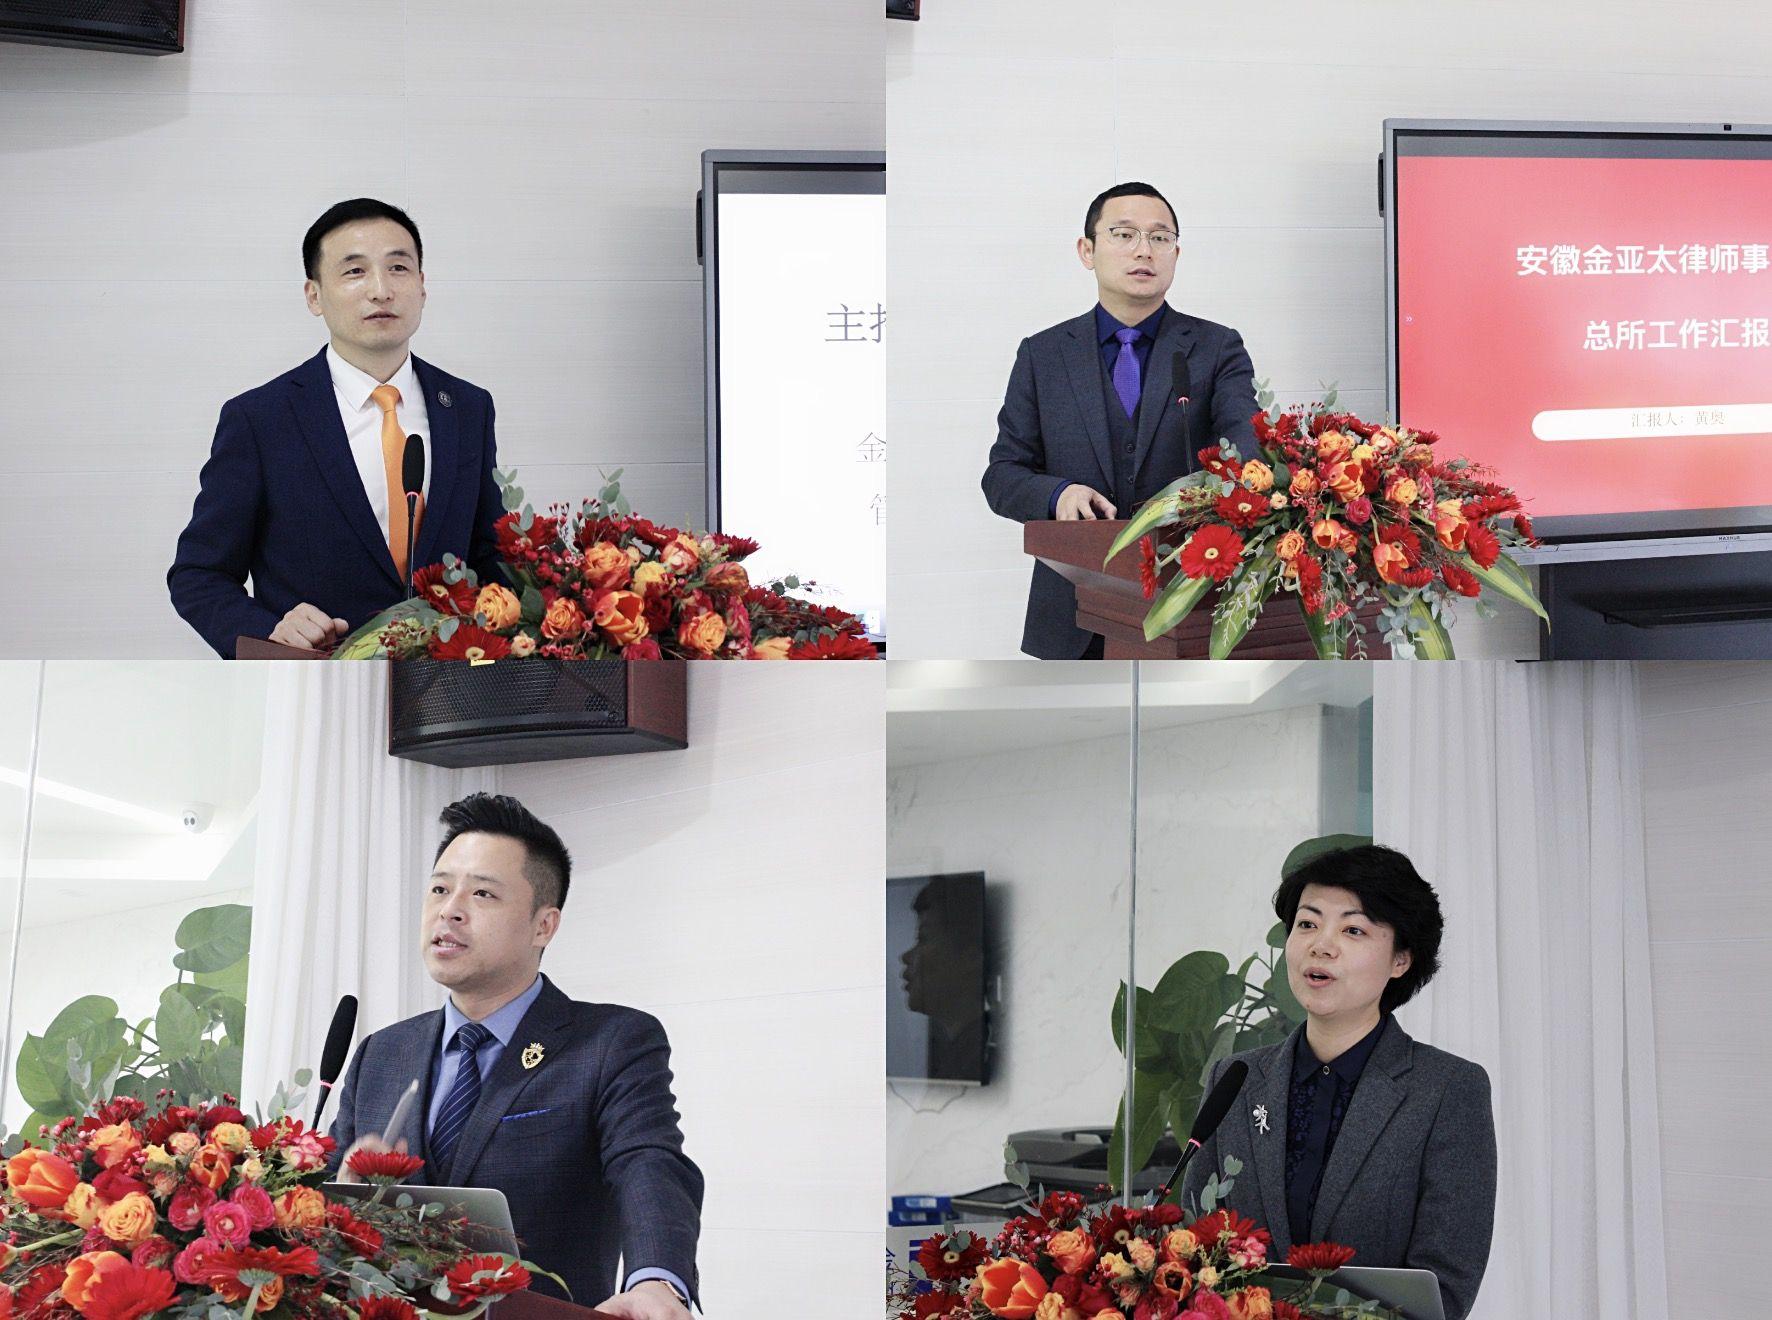 循此苦旅以达天际,金亚太Amazing! ――金亚太律师机构2020年度总结暨表彰大会